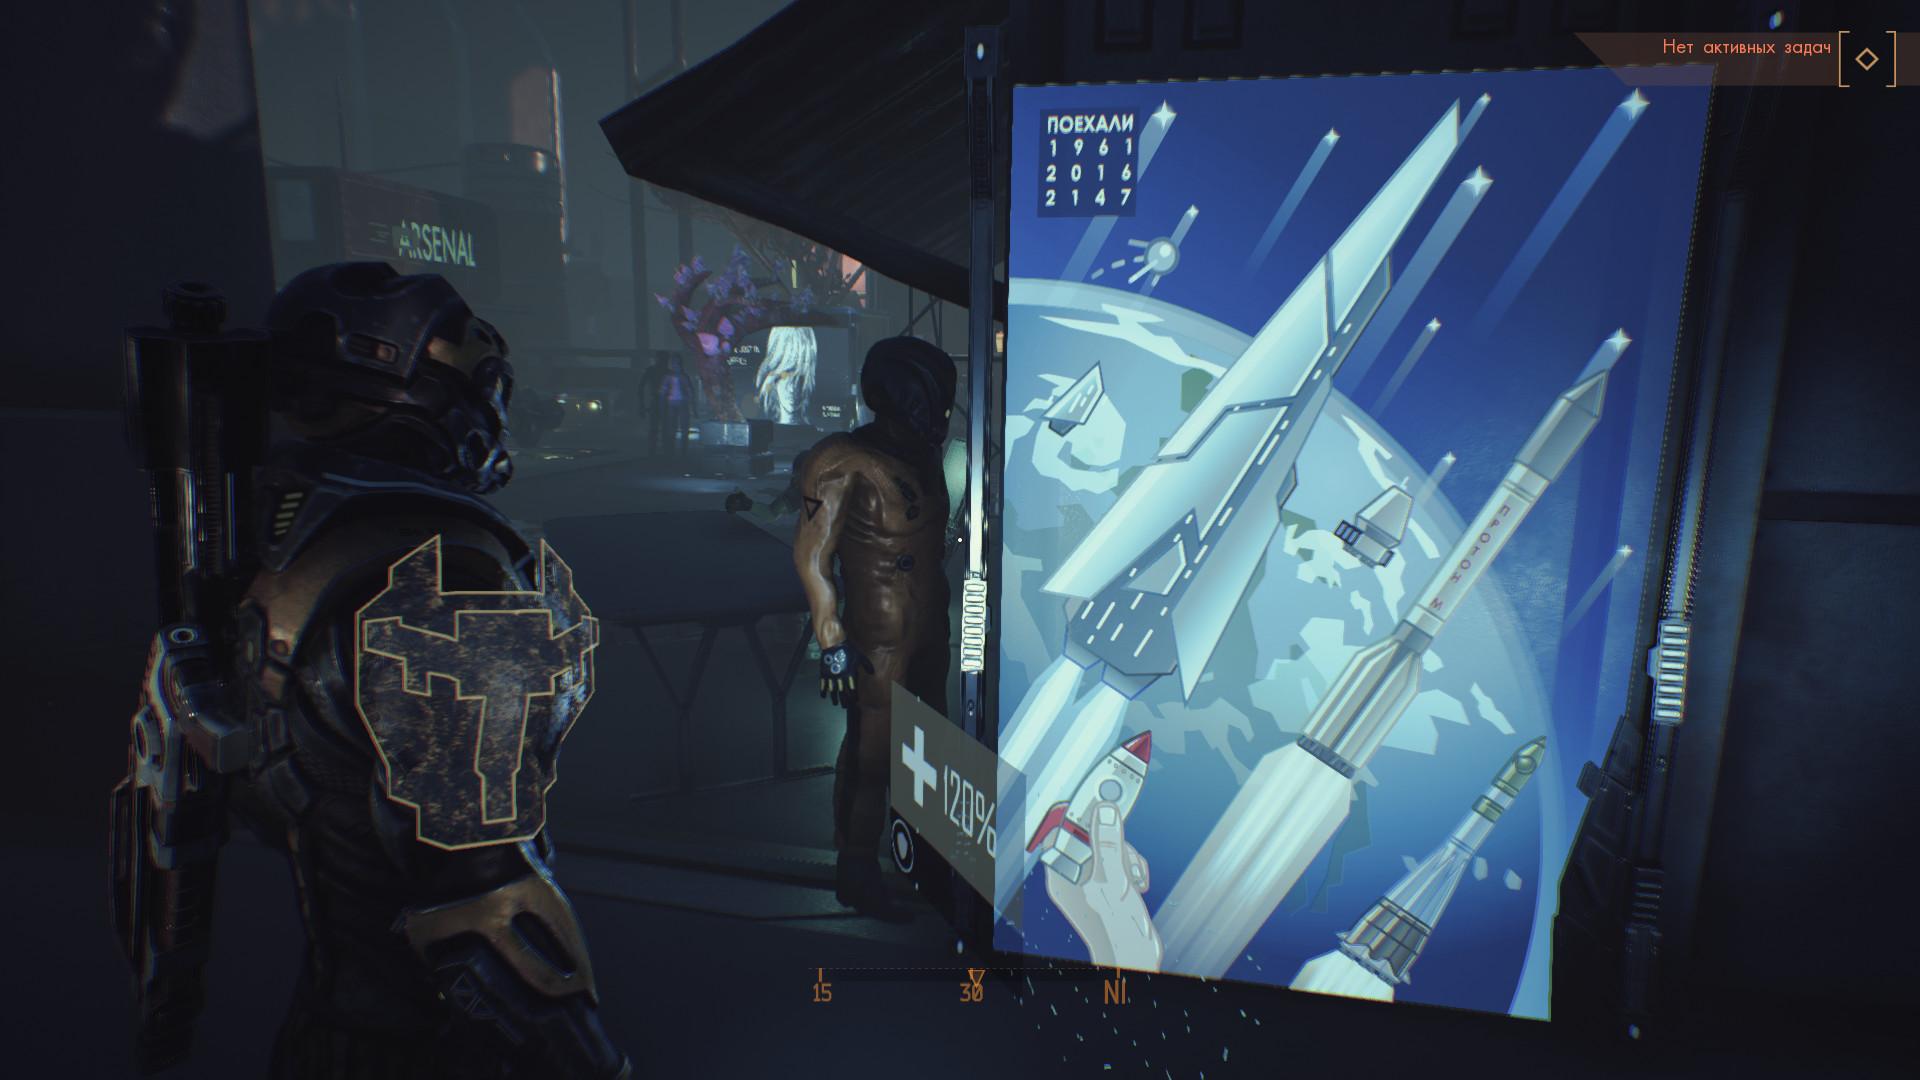 太空动作游戏《橙色卡司》上架Steam 发售日公开